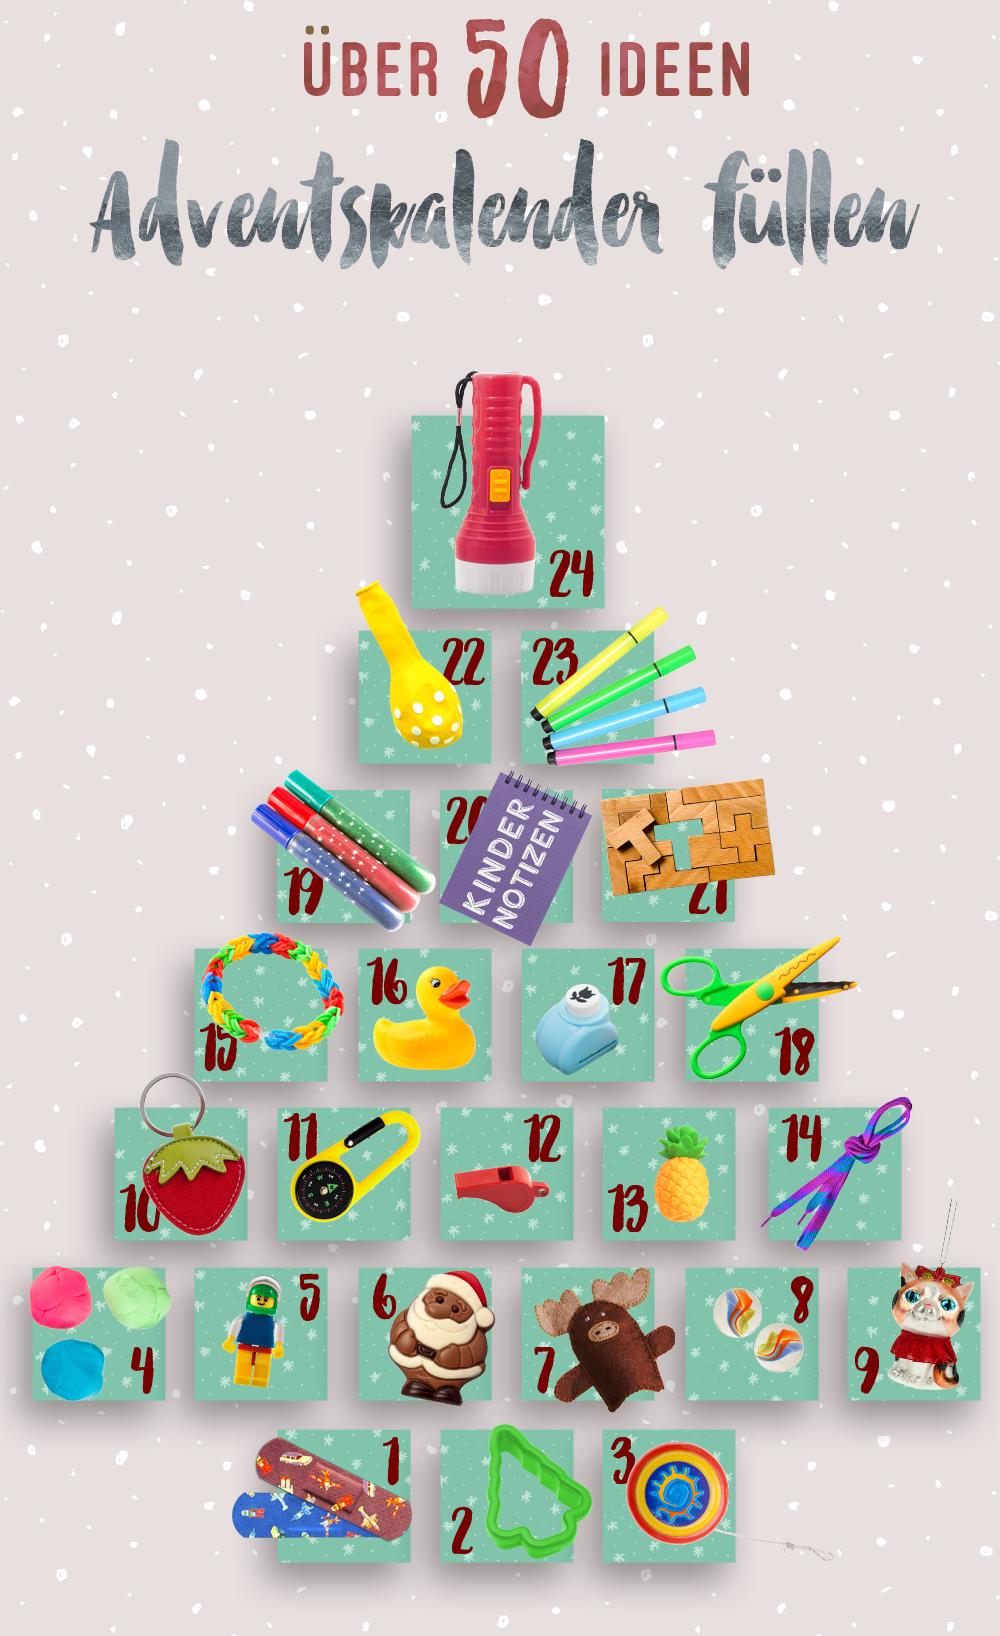 Adventskalender Fullen Fur Kinder Susse Ideen Fur Weihnachten Adventskalender Adventskalender Kinder Und Adventskalender Geschenke